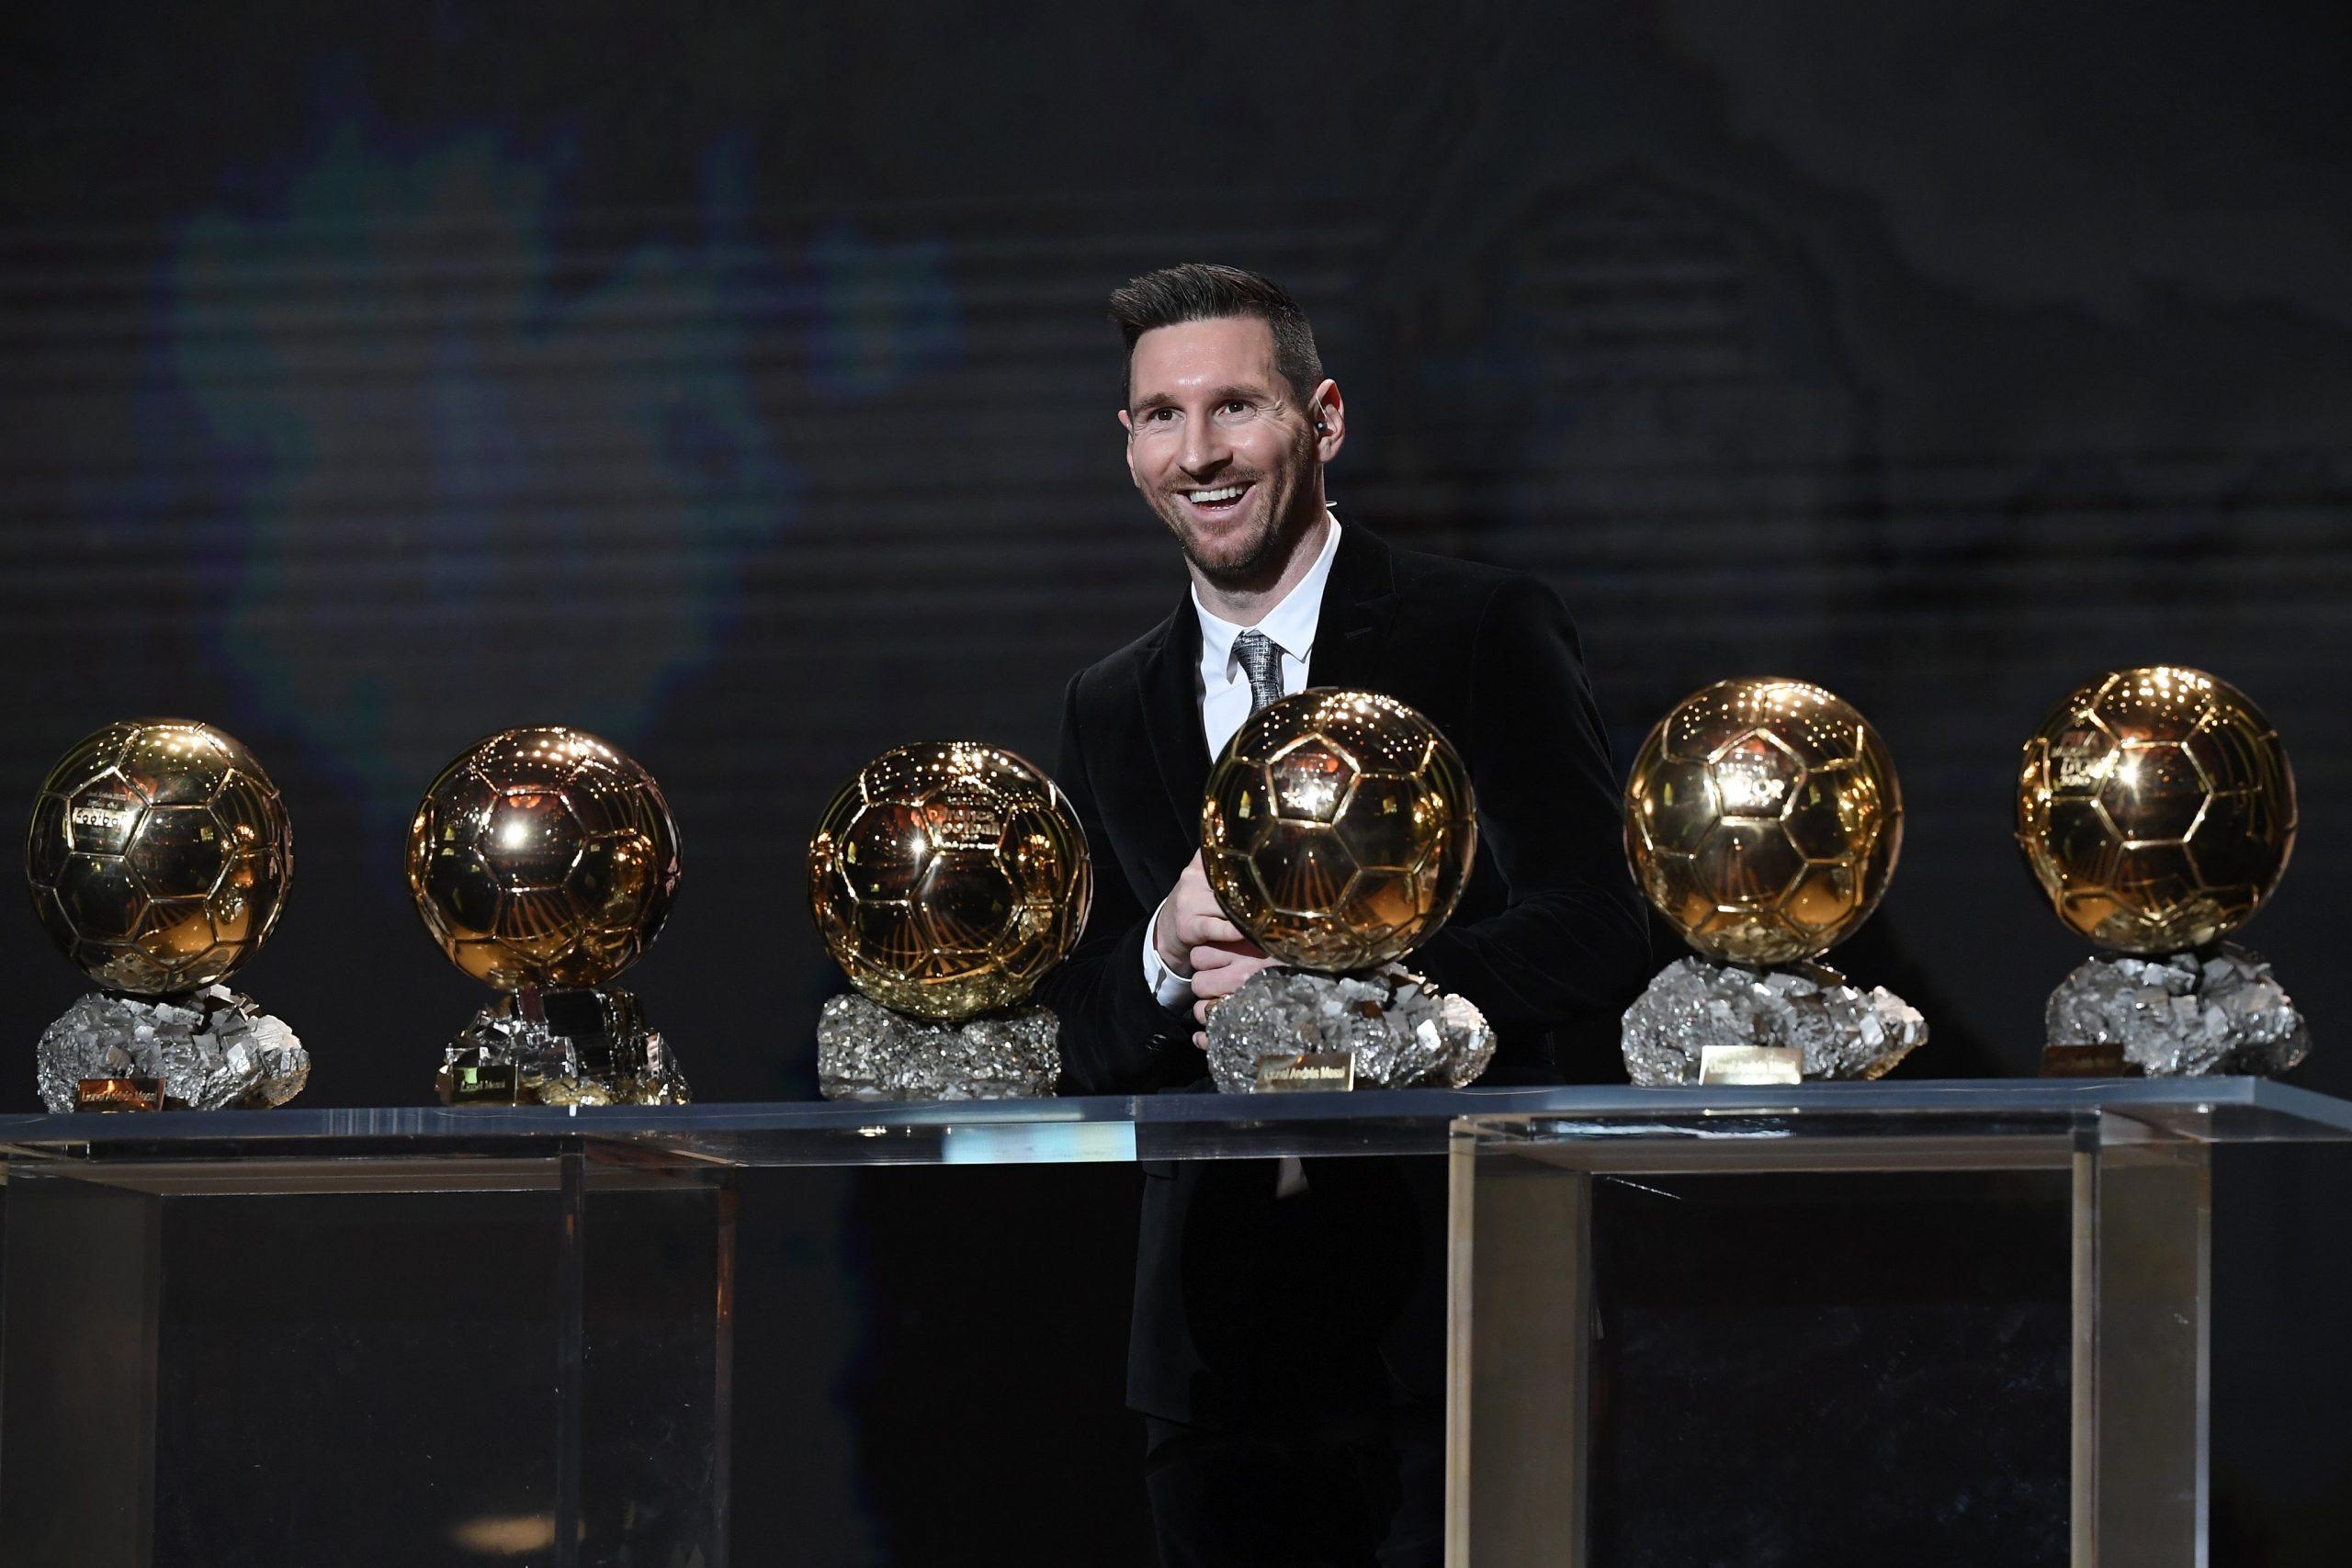 Hình ảnh Messi nhận bóng vàng lần thứ 6